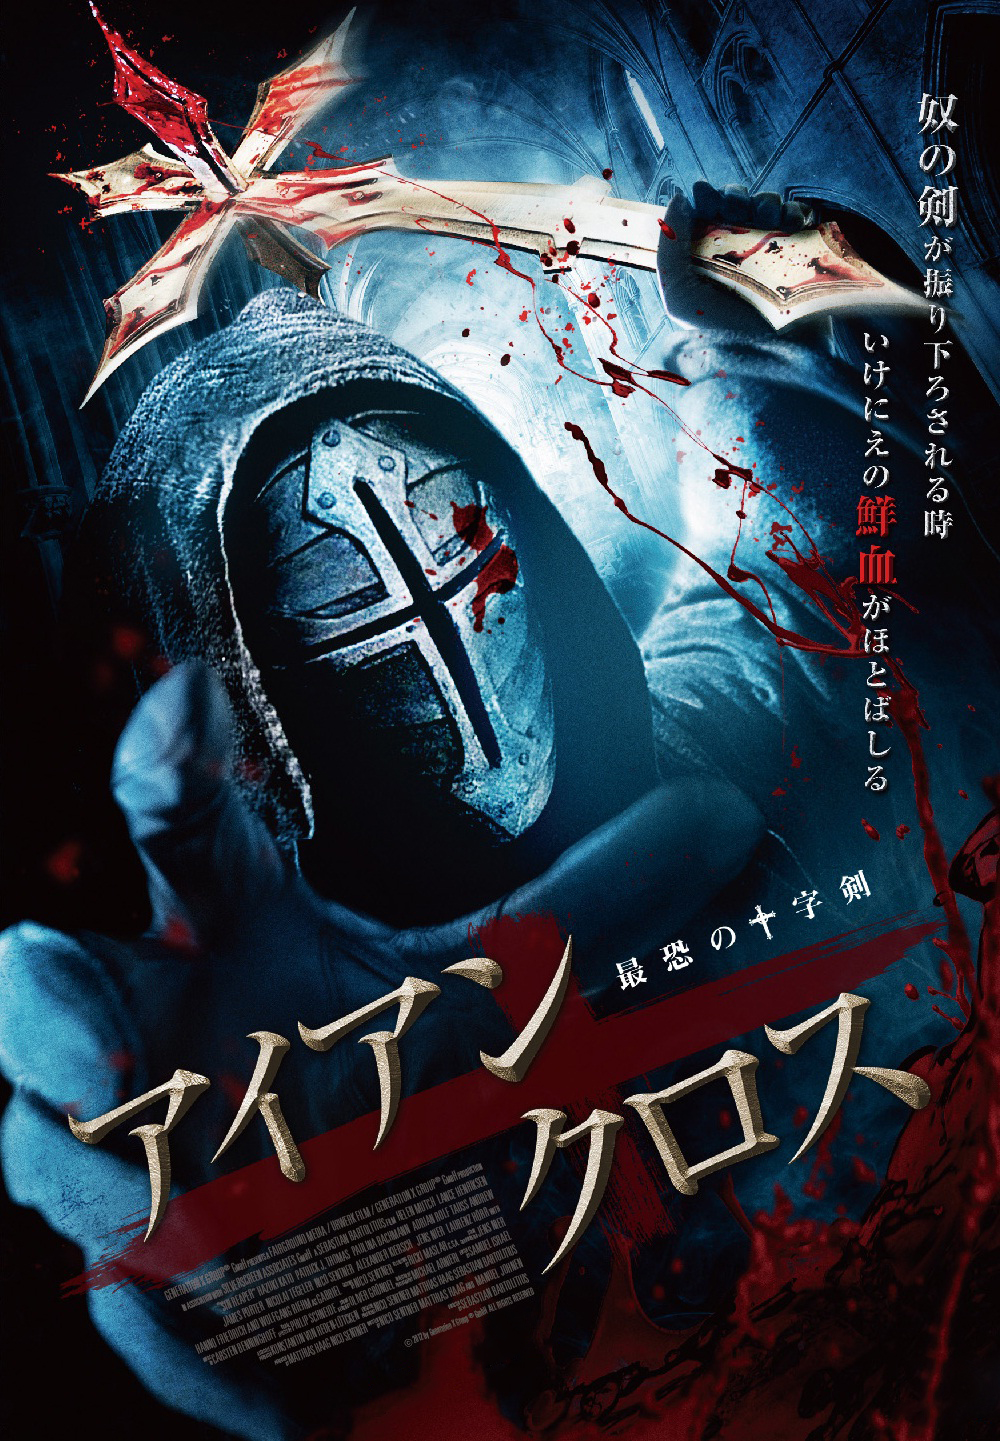 Sin_Reaper_Japan_poster.jpg